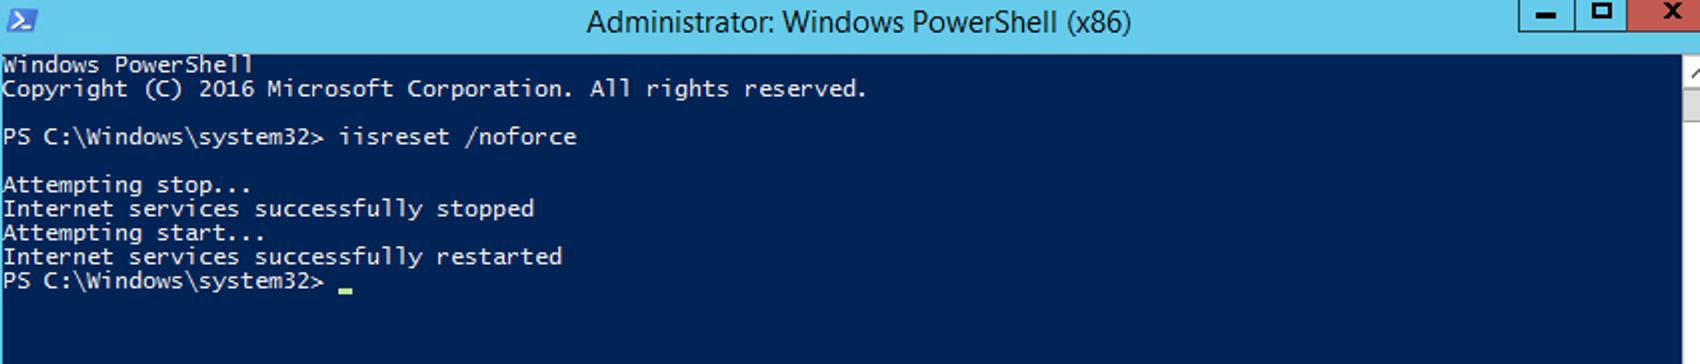 iis-enable-windows-authentication3